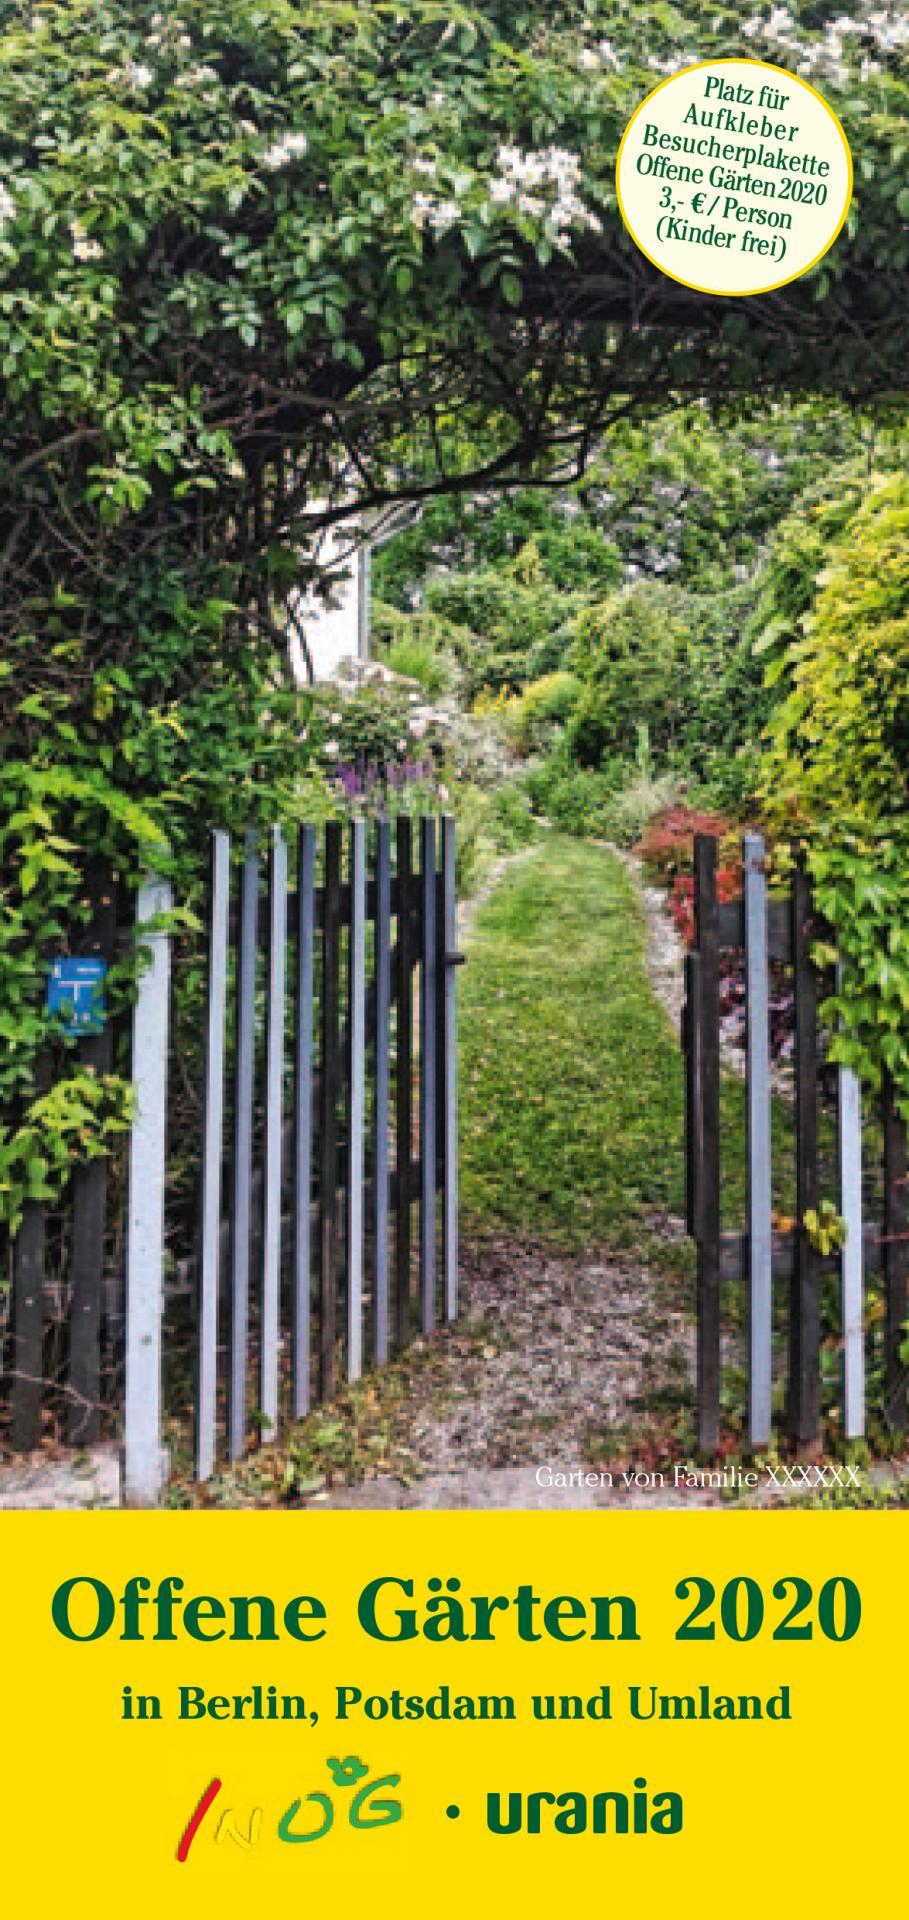 Offene Gärten 2020